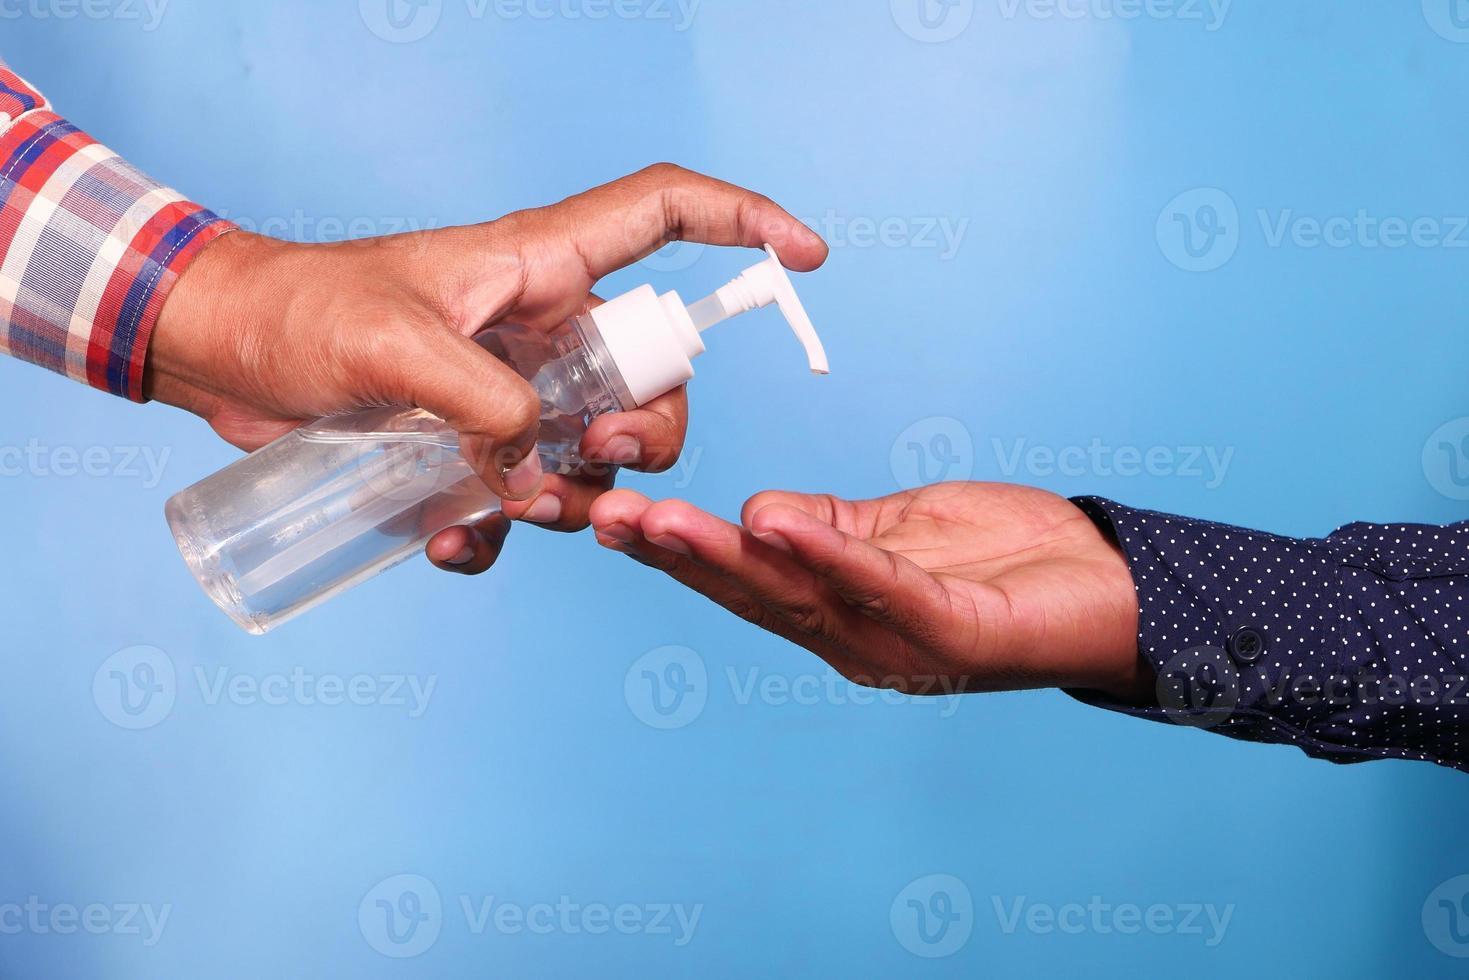 la mano di una persona che somministra un liquido disinfettante a un'altra persona foto